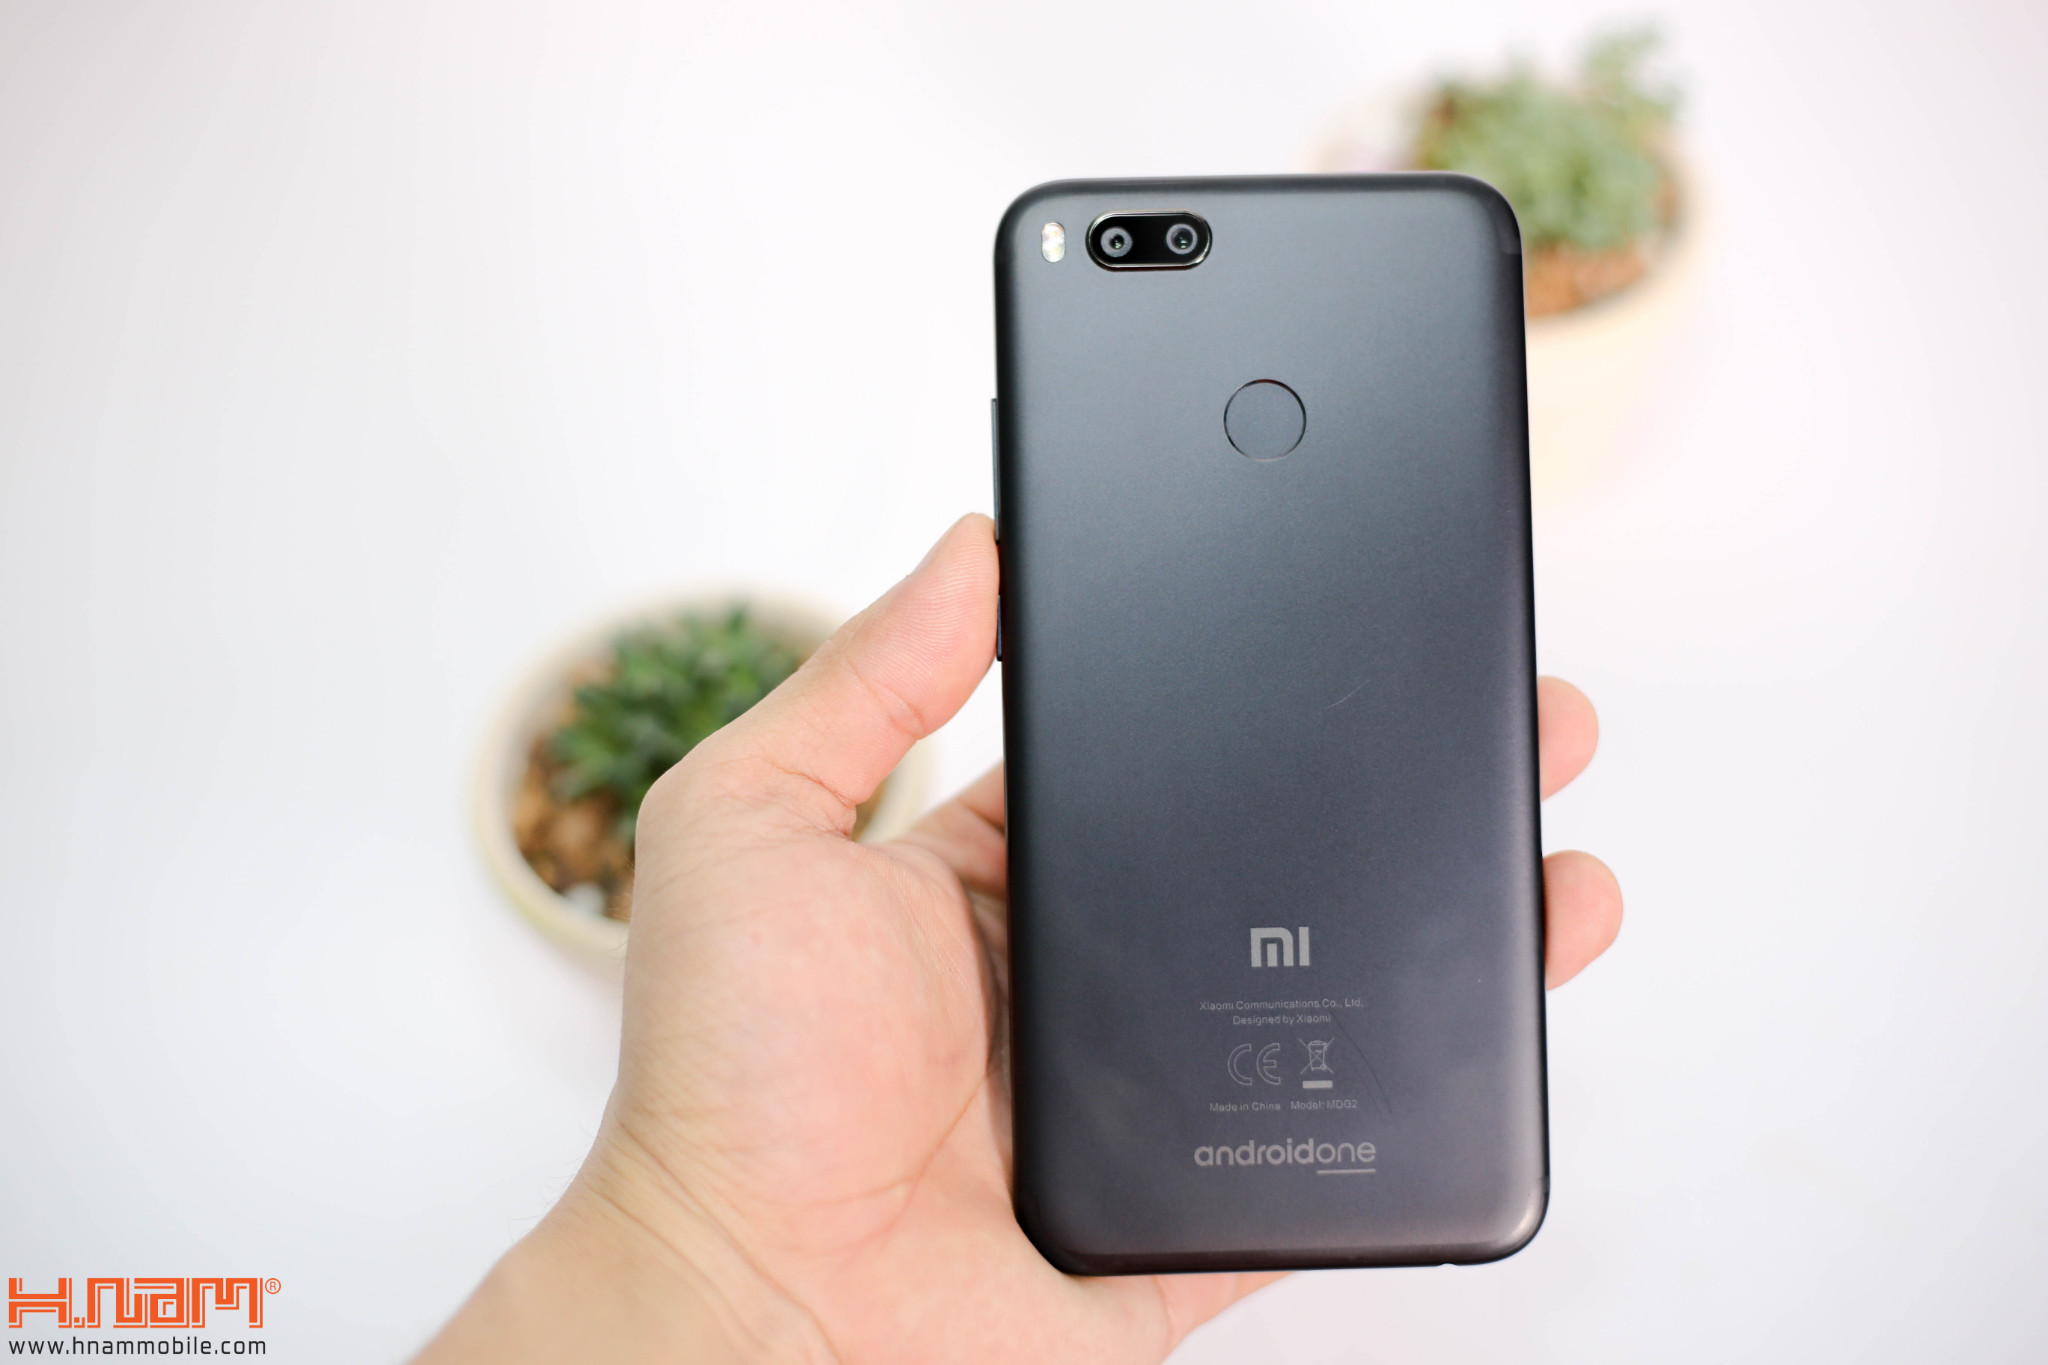 Hướng dẫn đăng ký Android 8.0 Oreo cho Xiaomi Mi A1 hình 1